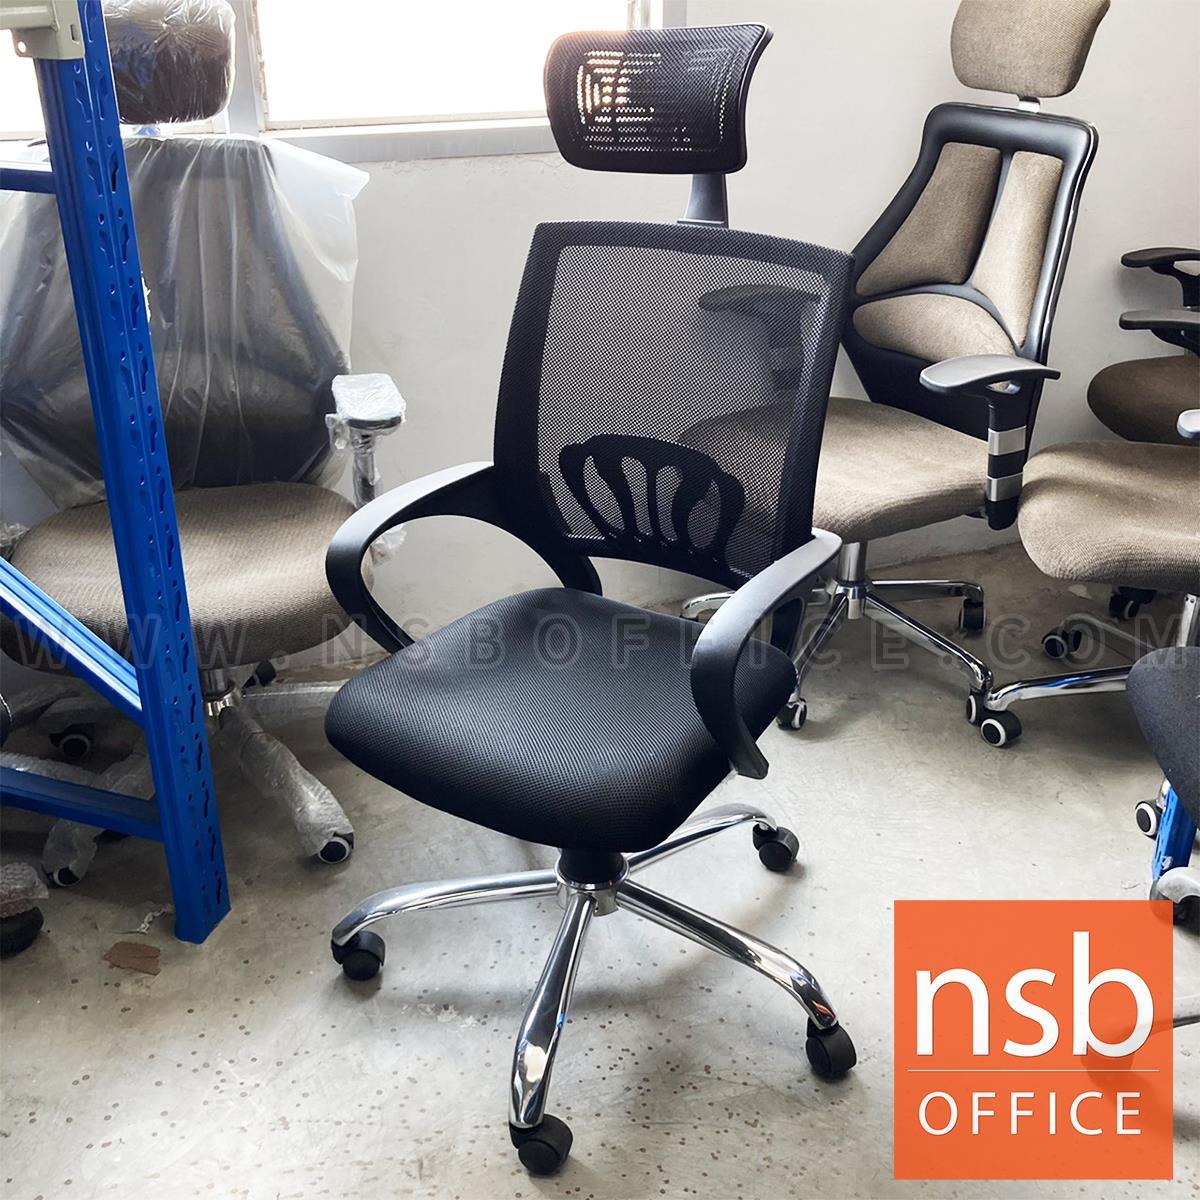 L02A345:เก้าอี้ผู้บริหารหลังเน็ตหัวหมอน   ขาเหล็ก